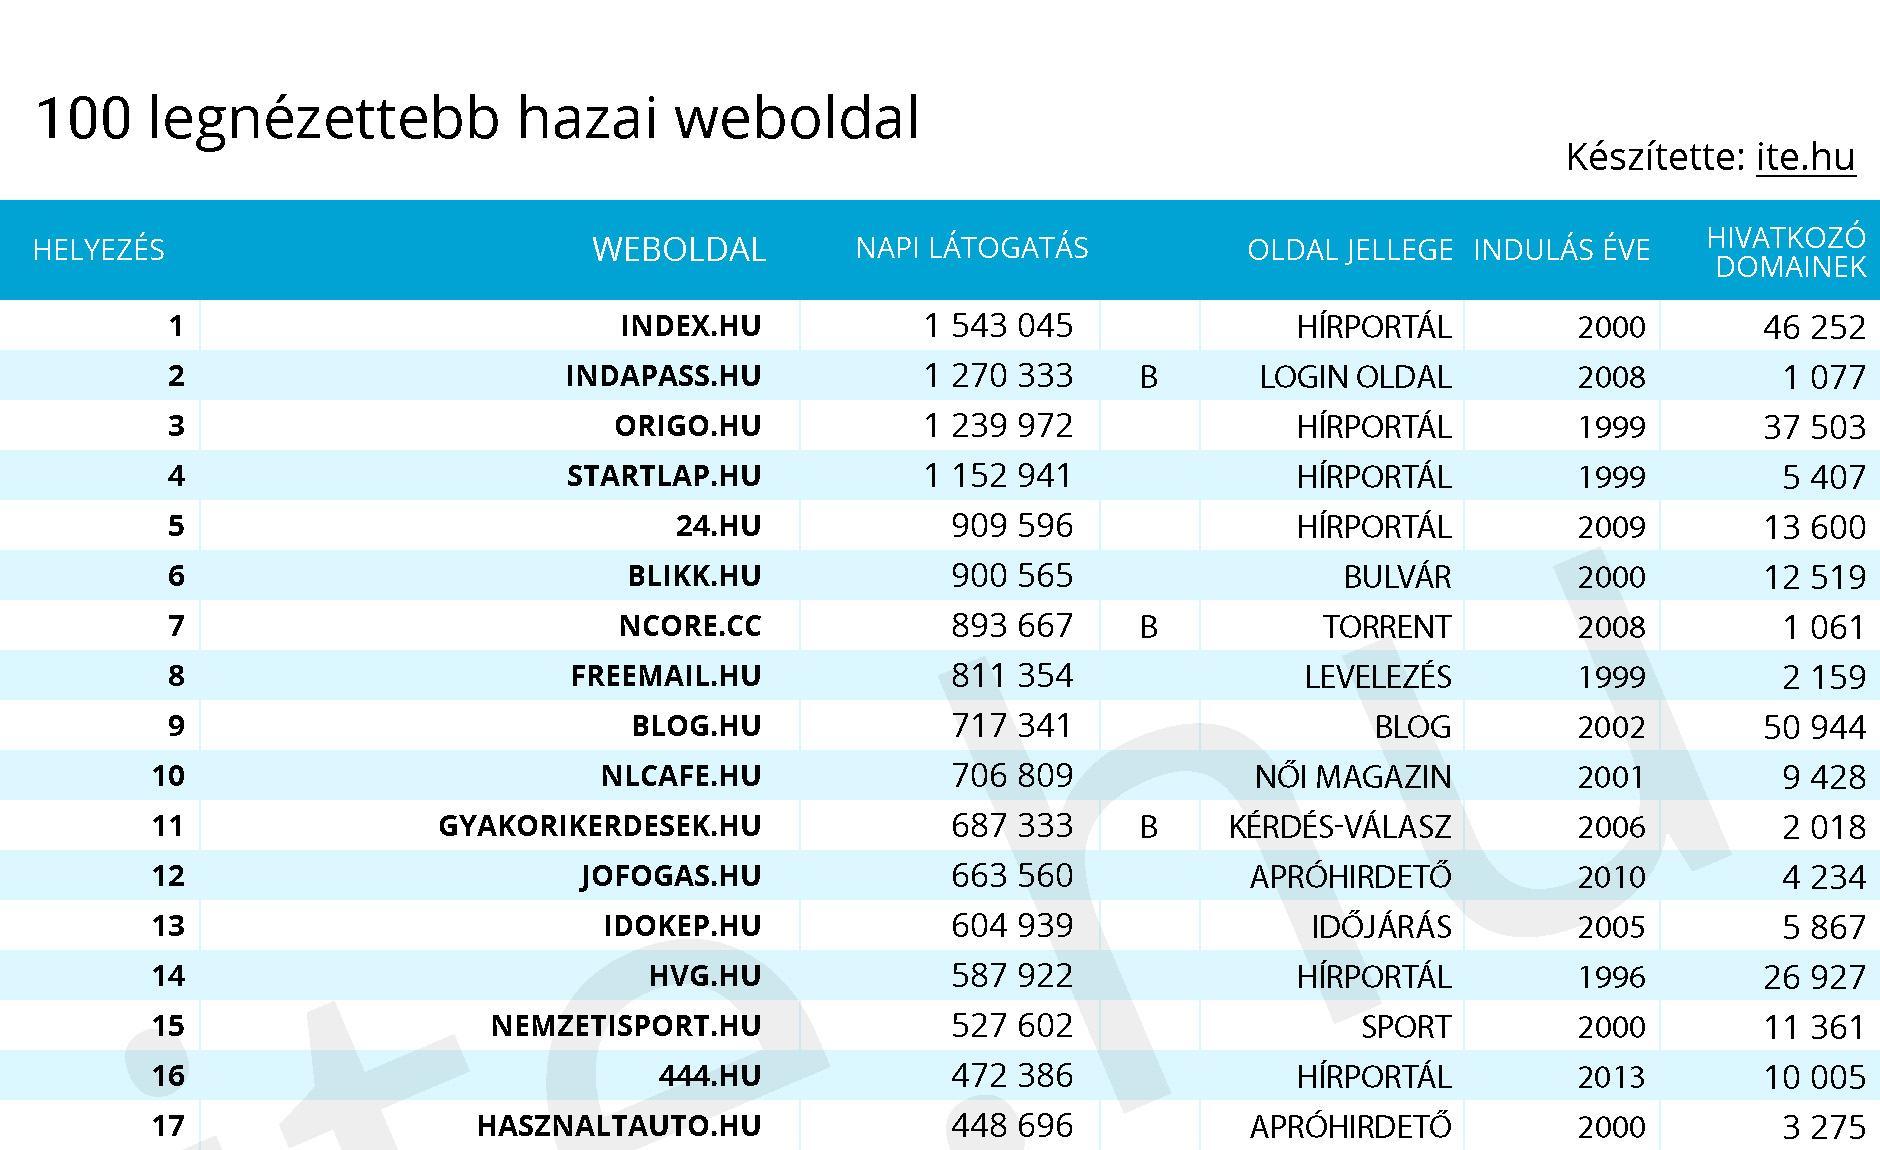 internetes kereseti oldal rangsorolása